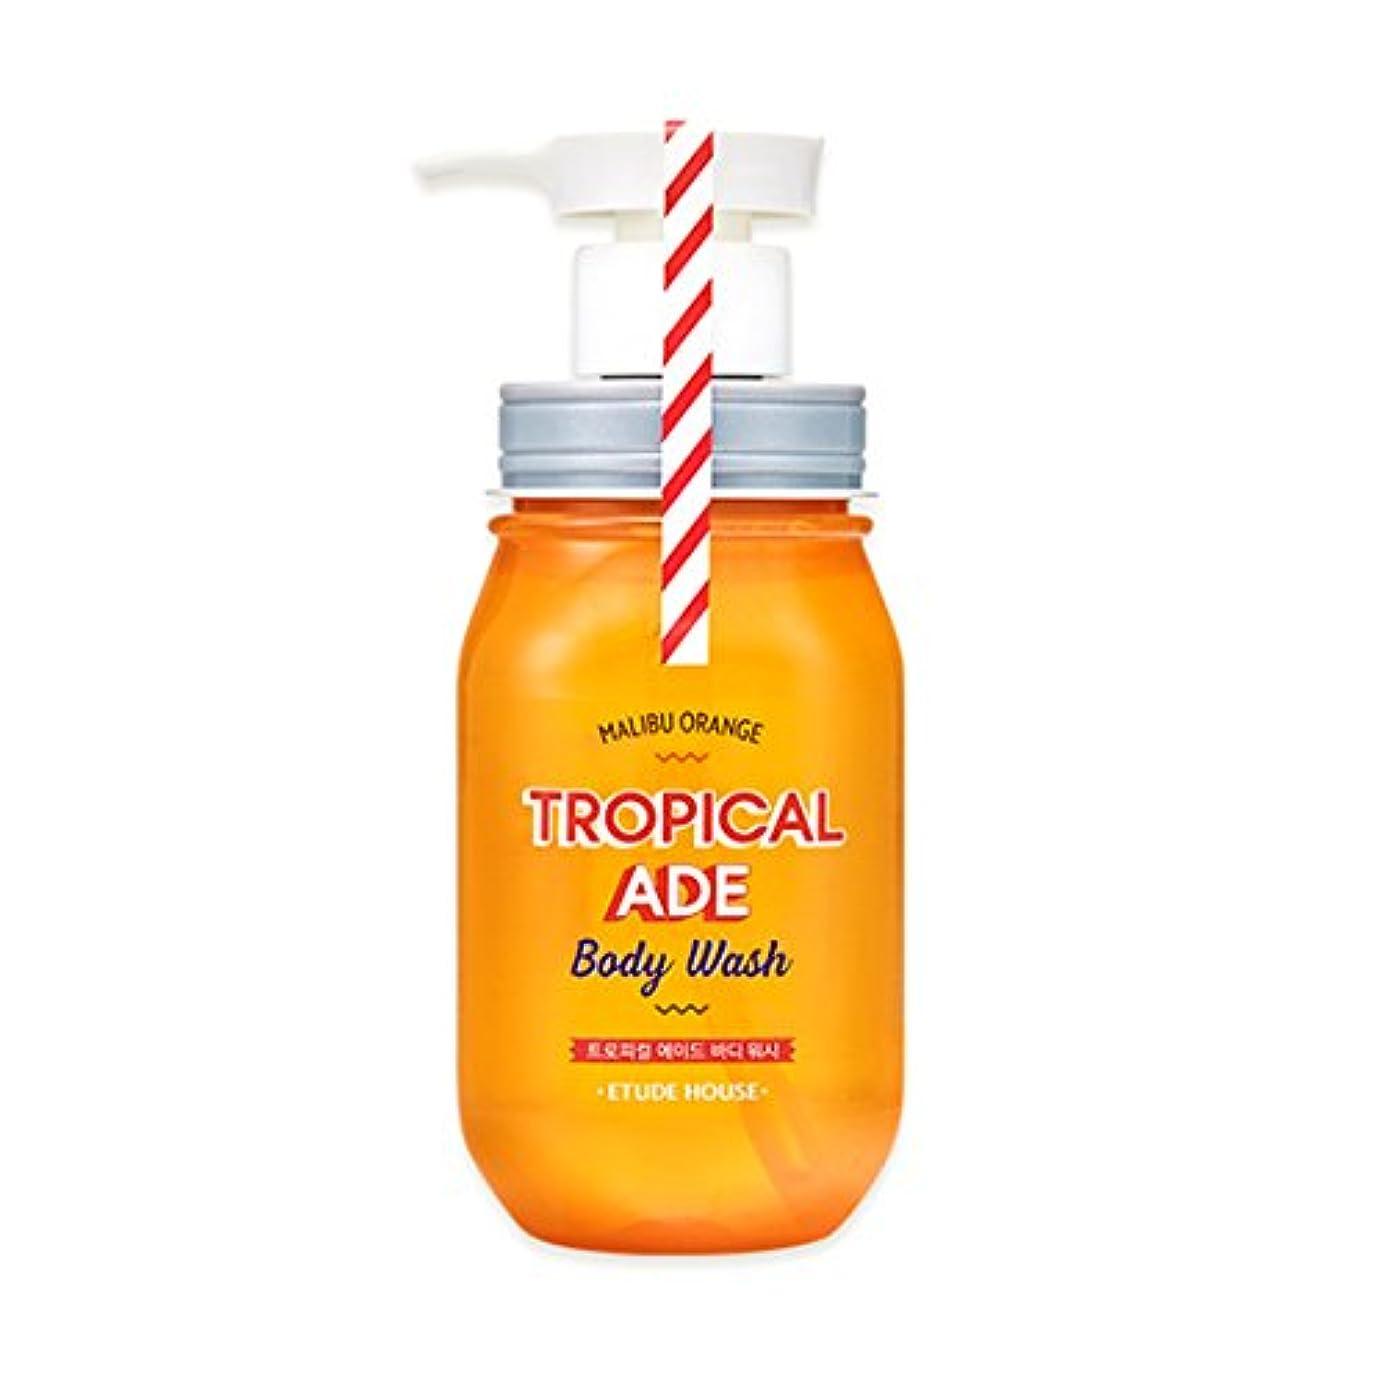 同僚スロベニア地理ETUDE HOUSE TROPICAL ADE Body Wash # Malibu Orange /エチュードハウス トロピカルエイドボディウォッシュ 300ml [並行輸入品]